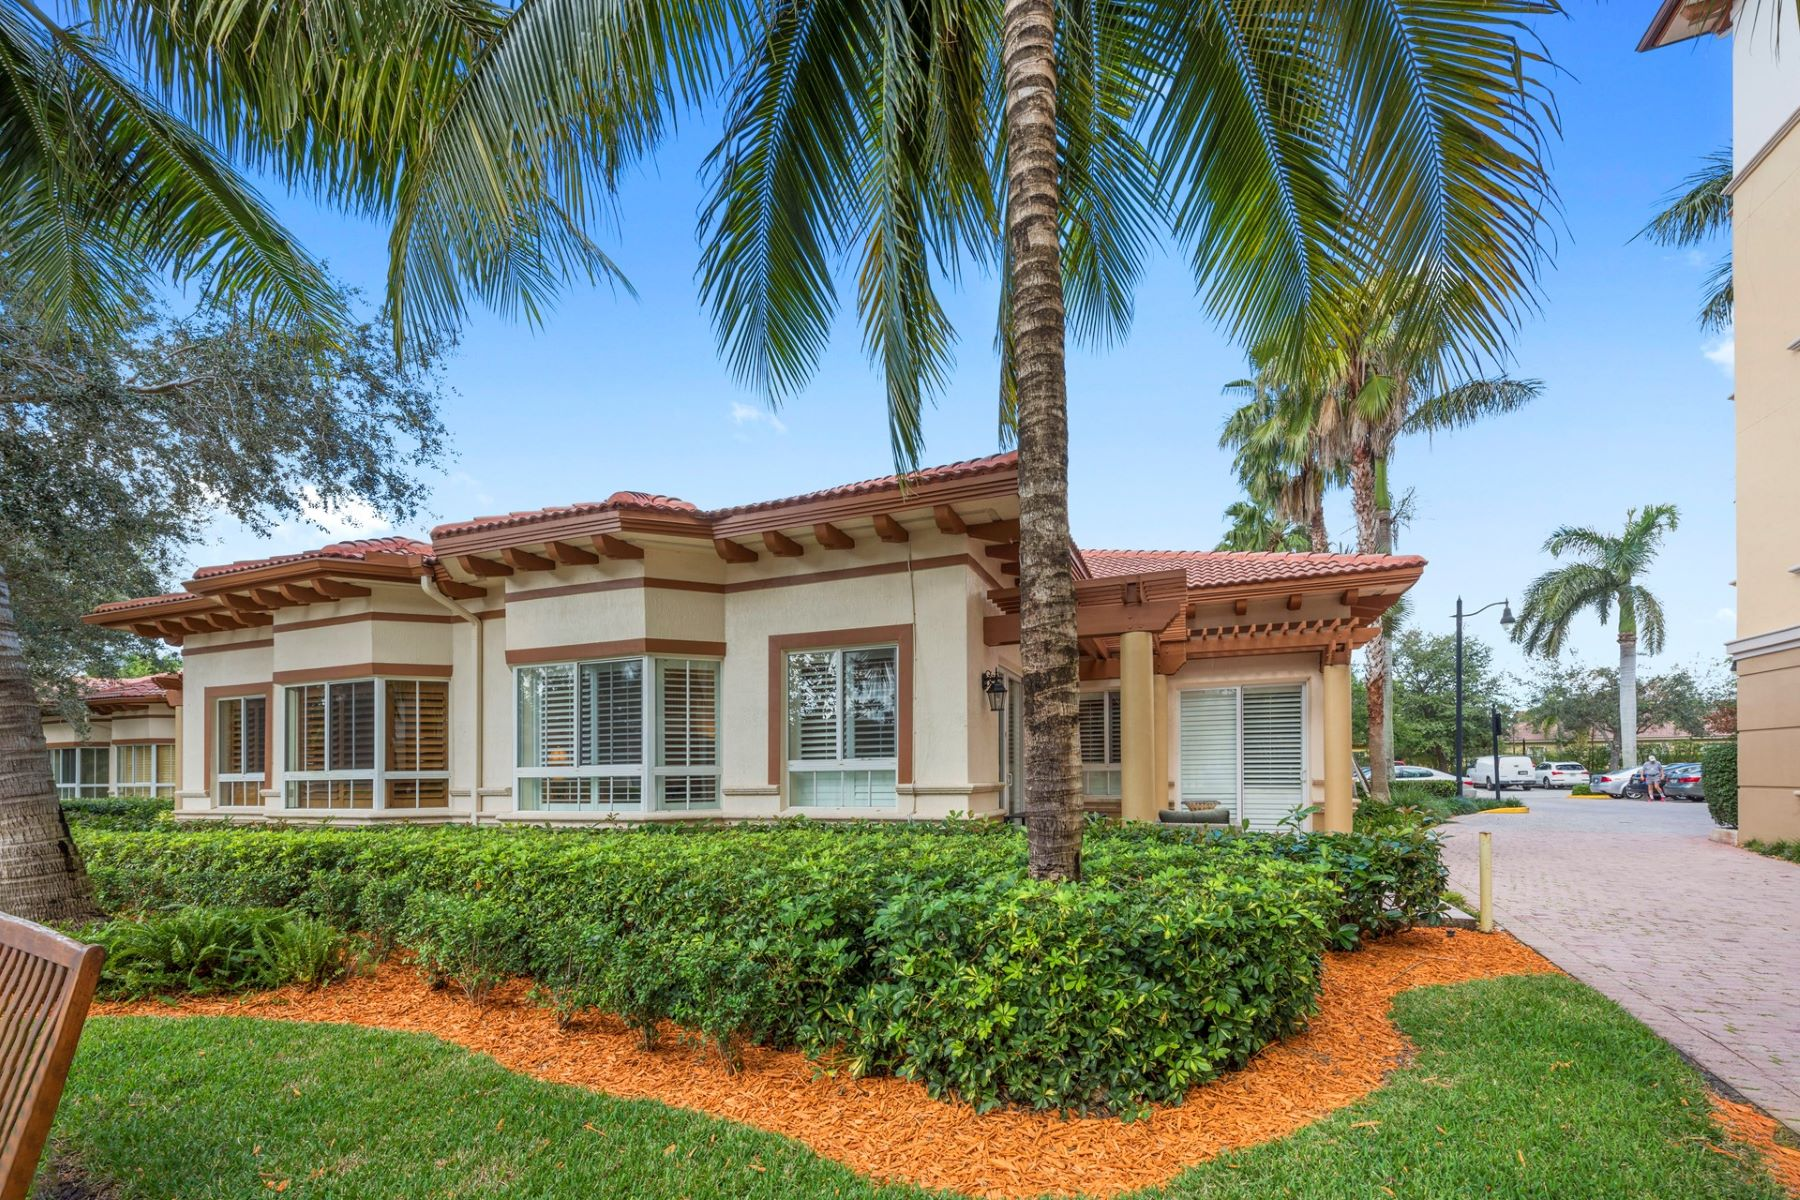 Частный односемейный дом для того Продажа на 16133 Emerald Estates Dr Weston, Флорида, 33331 Соединенные Штаты